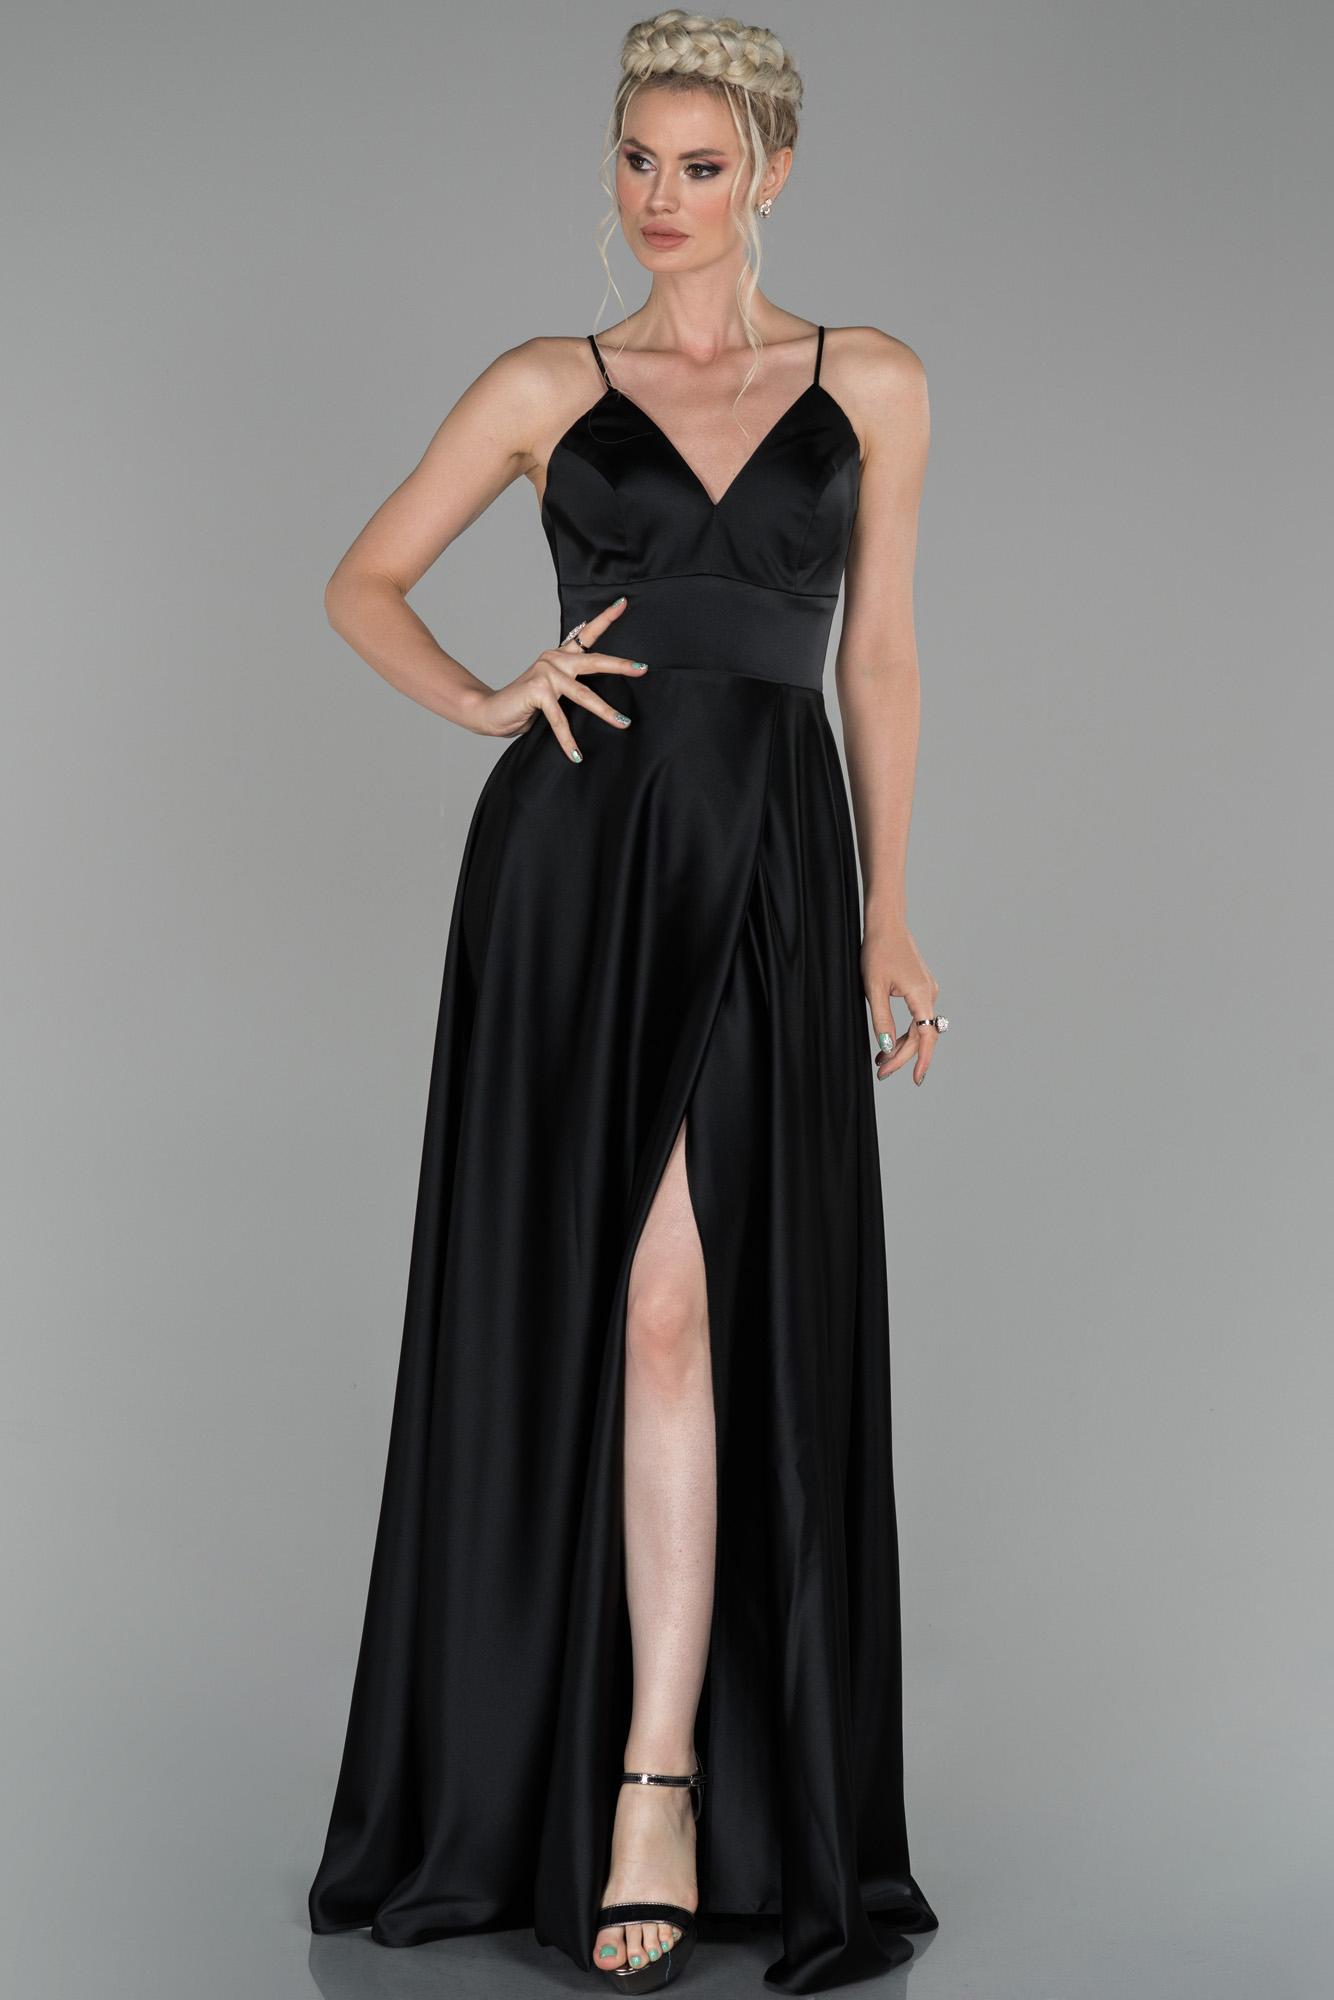 Siyah Uzun Bacak Ve Sırt Dekolteli Abiye Elbise